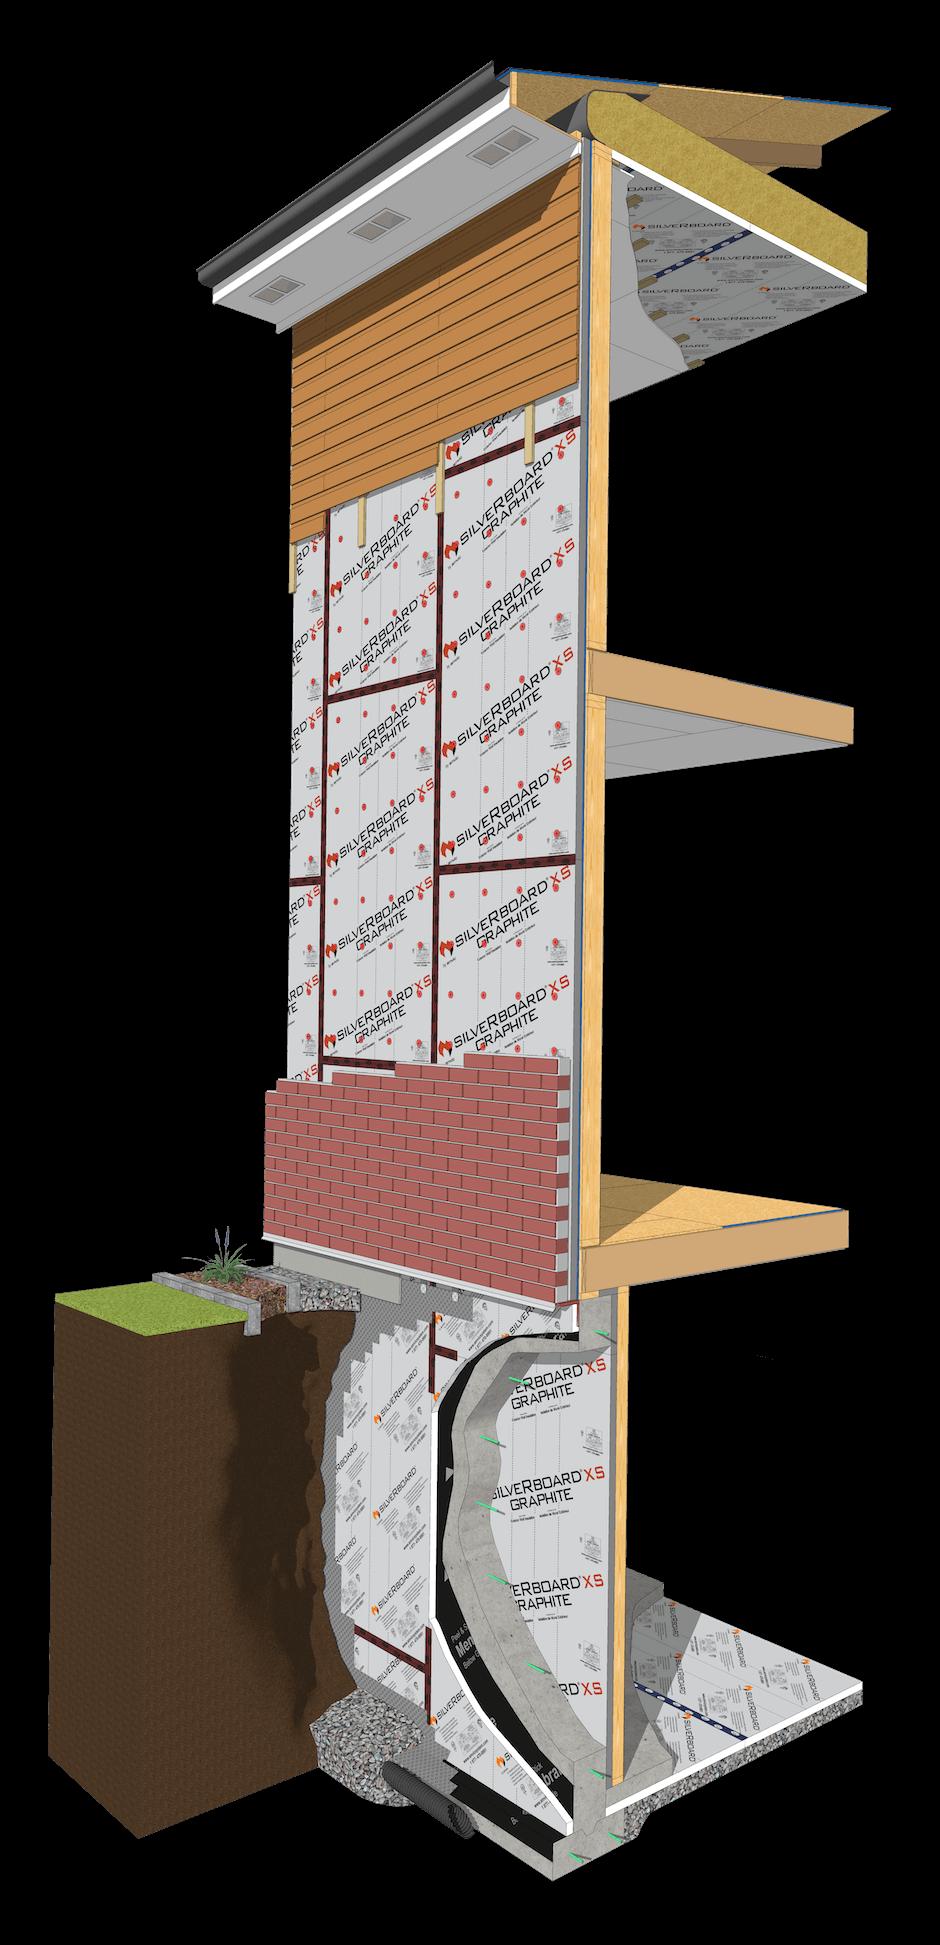 Silverboard Graphite Carbon Graphite Rigid Foam Insulation In 2020 Rigid Foam Insulation Foam Insulation Insulation